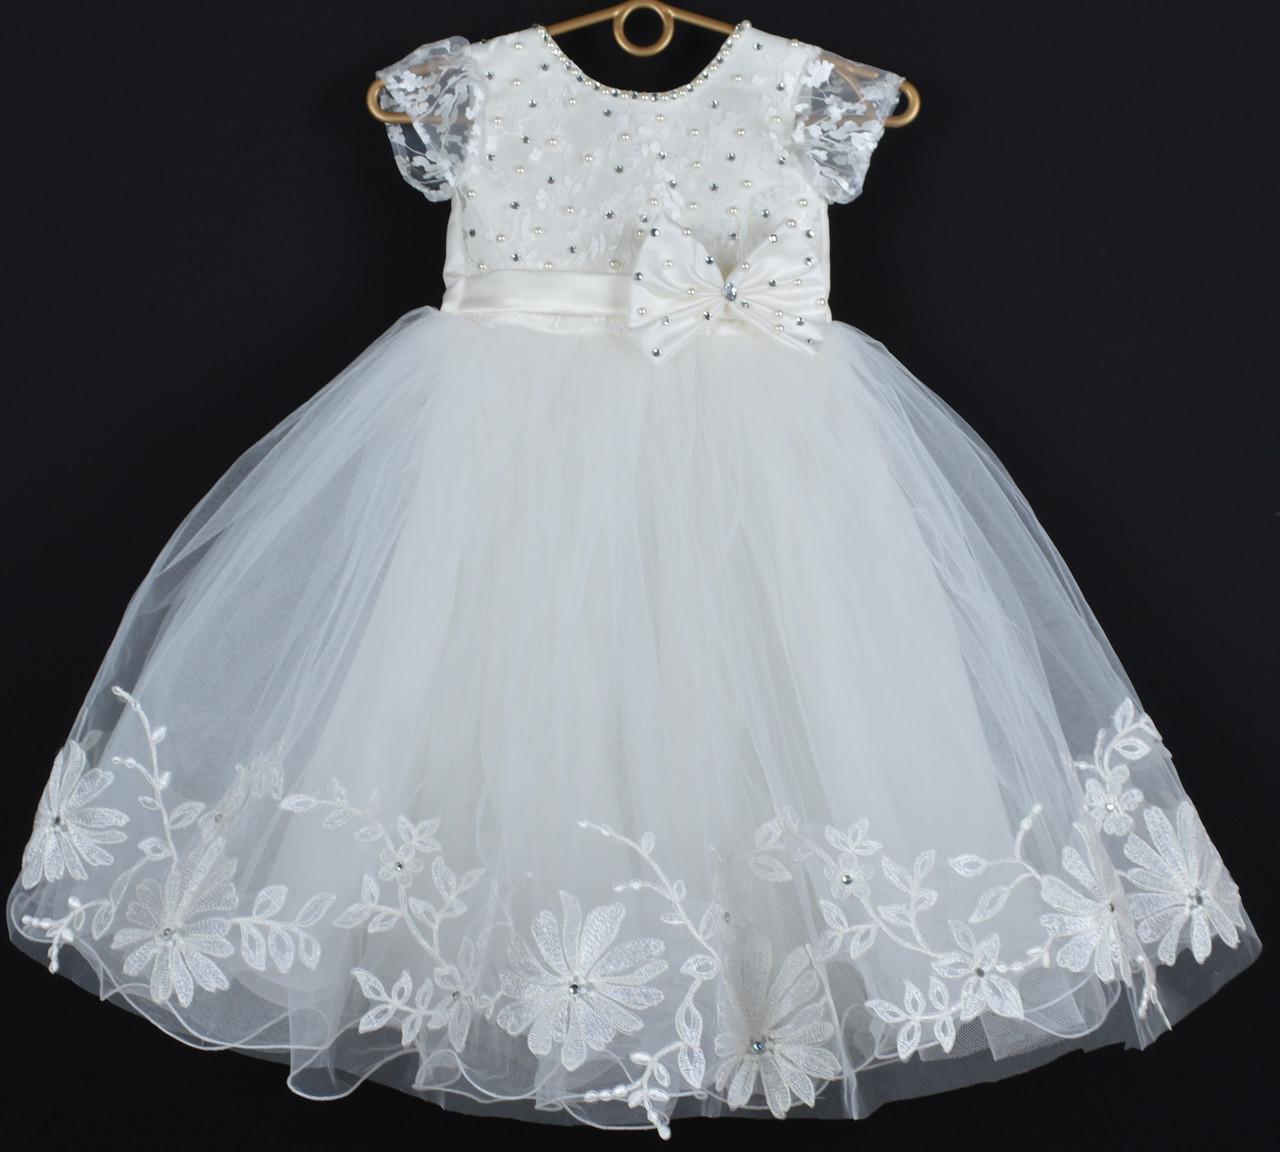 """Платье нарядное детское """"Исабель"""" с аппликацией 4-6 лет. Молочное. Оптом и в розницу"""